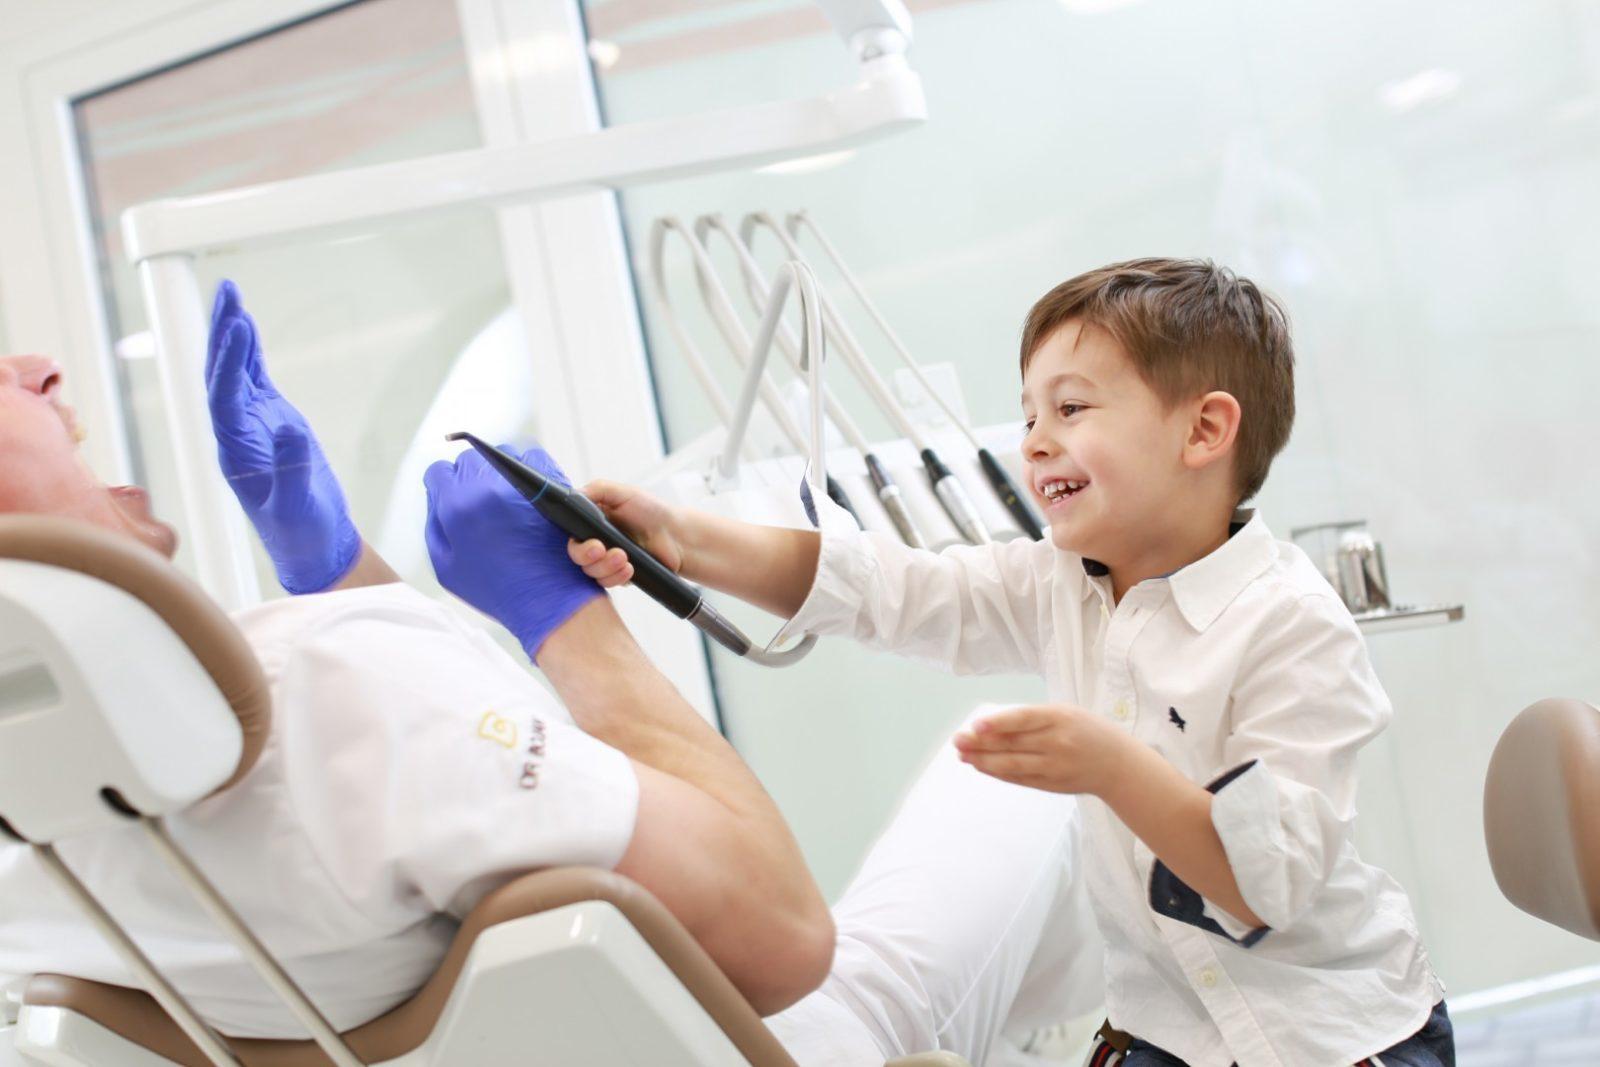 Kako prati zube sa fiksnim aparatićem